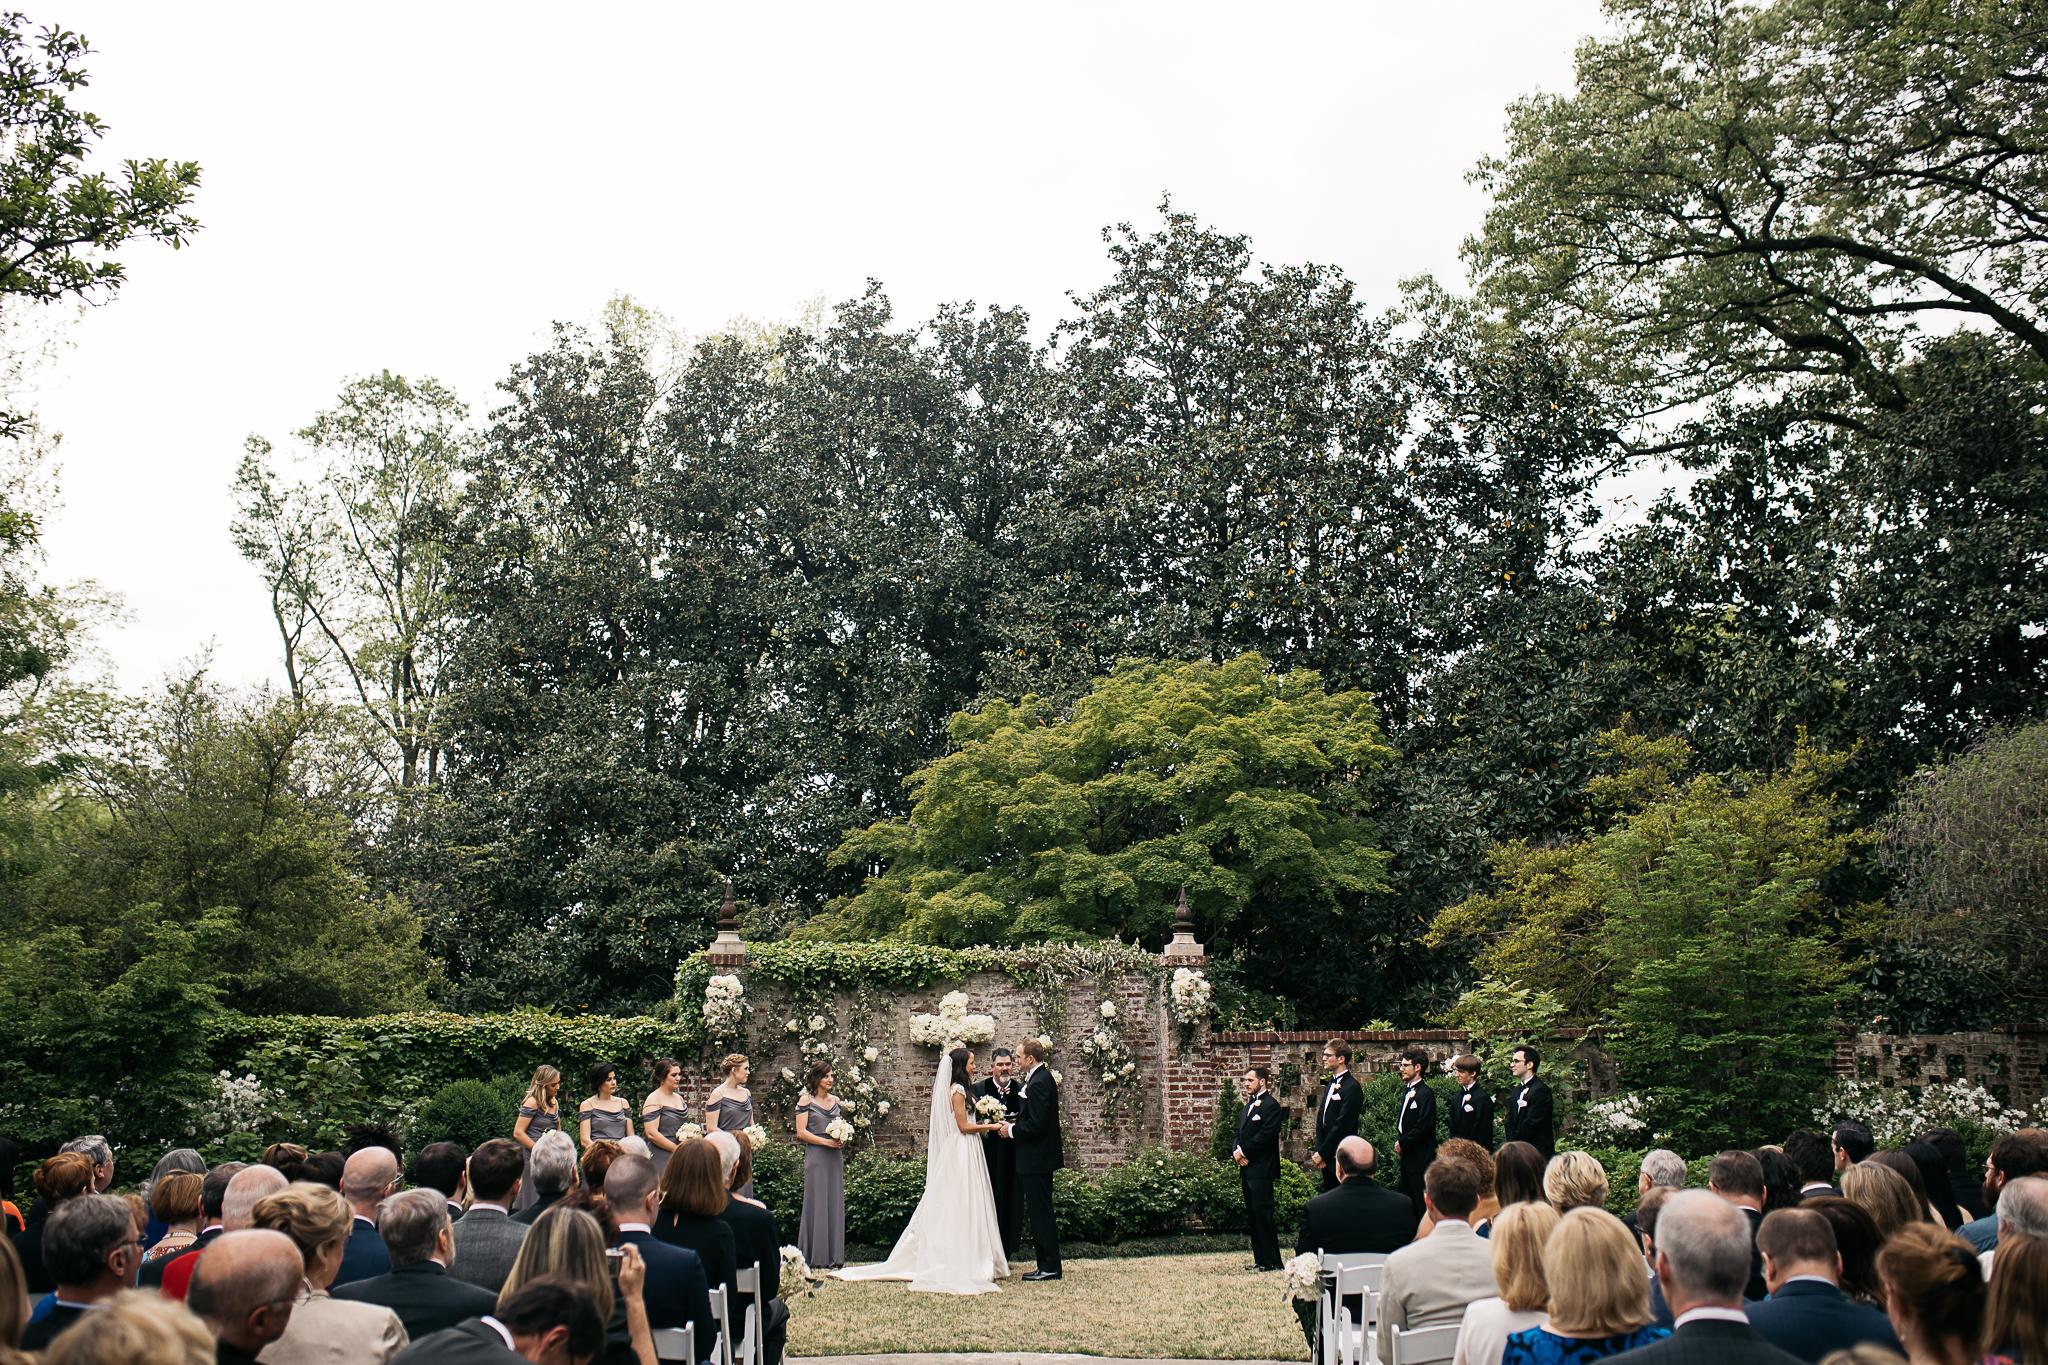 HannahandAndrew-thewarmtharoundyou-wedding2.jpg